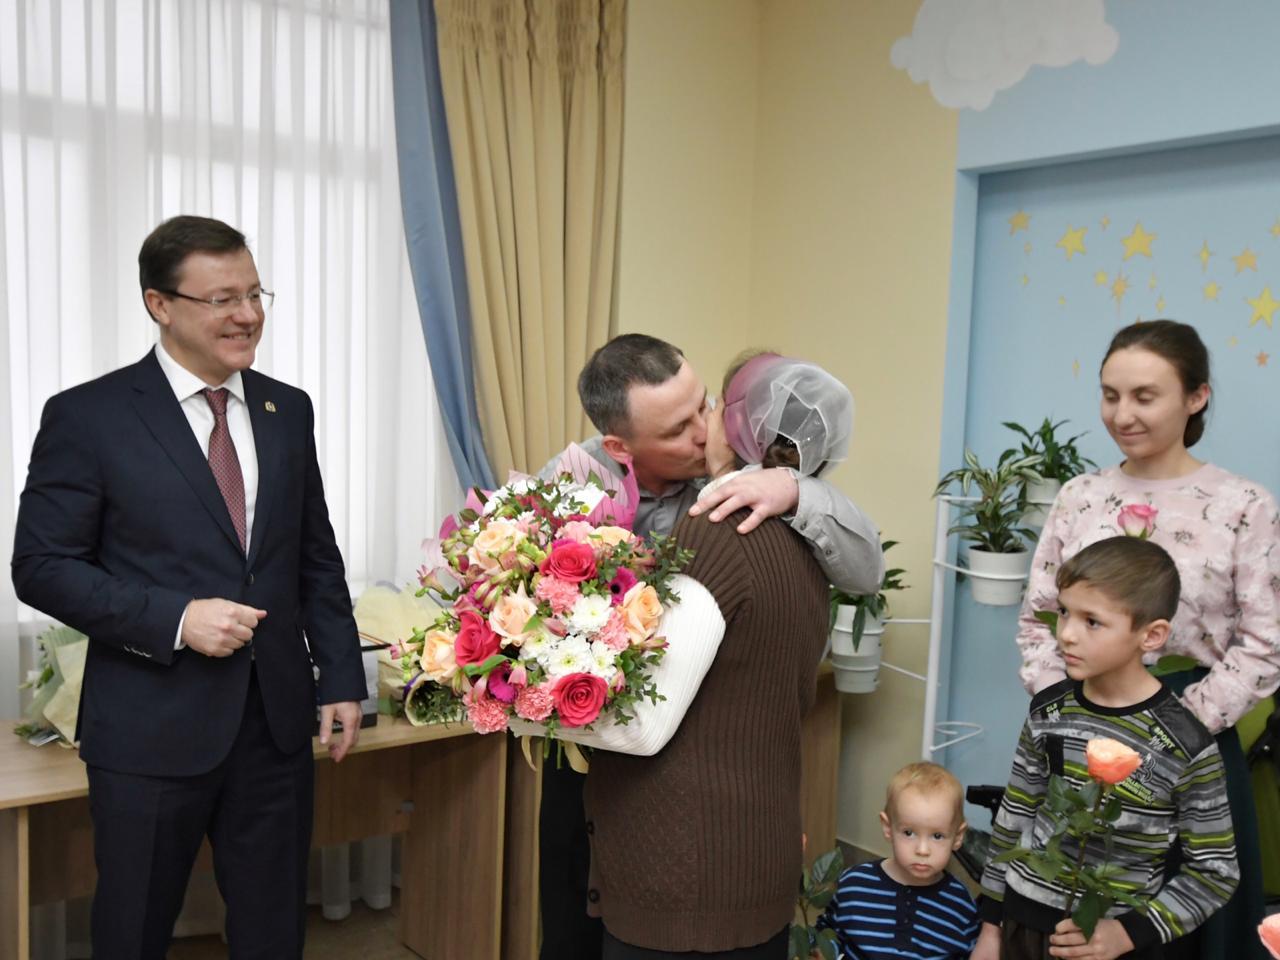 Дмитрий Азаровпоздравил многодетные семьи с рождением малышей